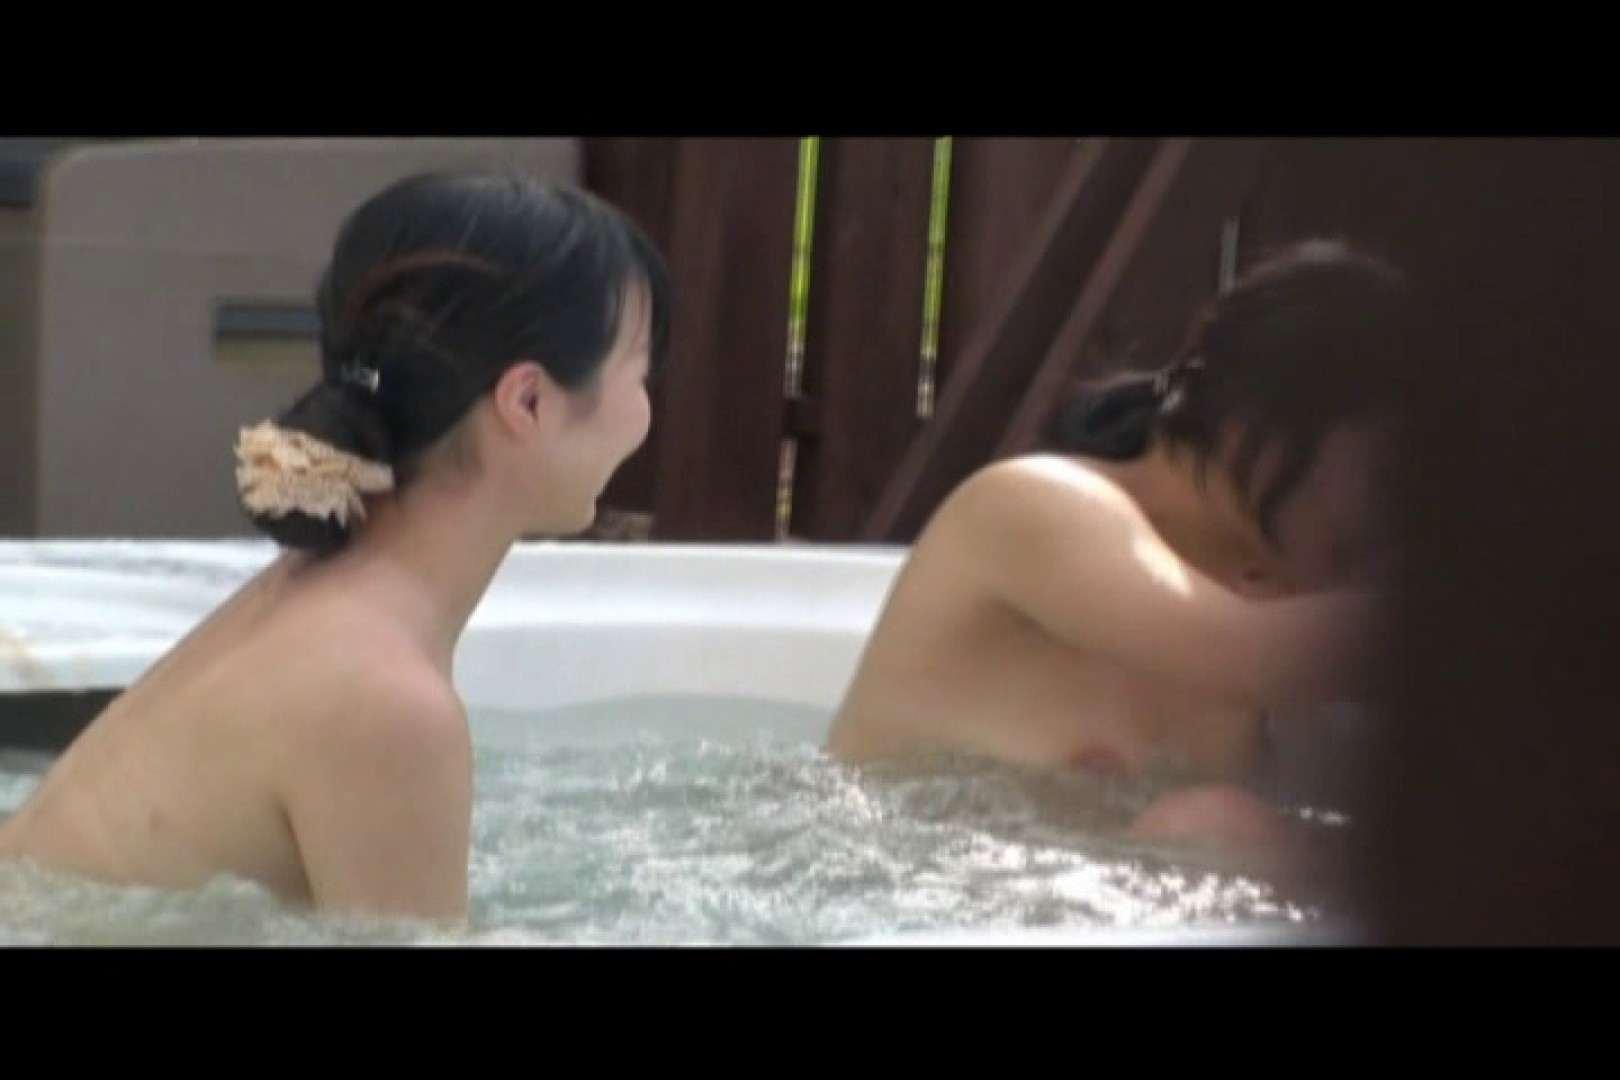 貸切露天 発情カップル! vol.07 露天風呂の女達   カップルのセックス  100連発 6